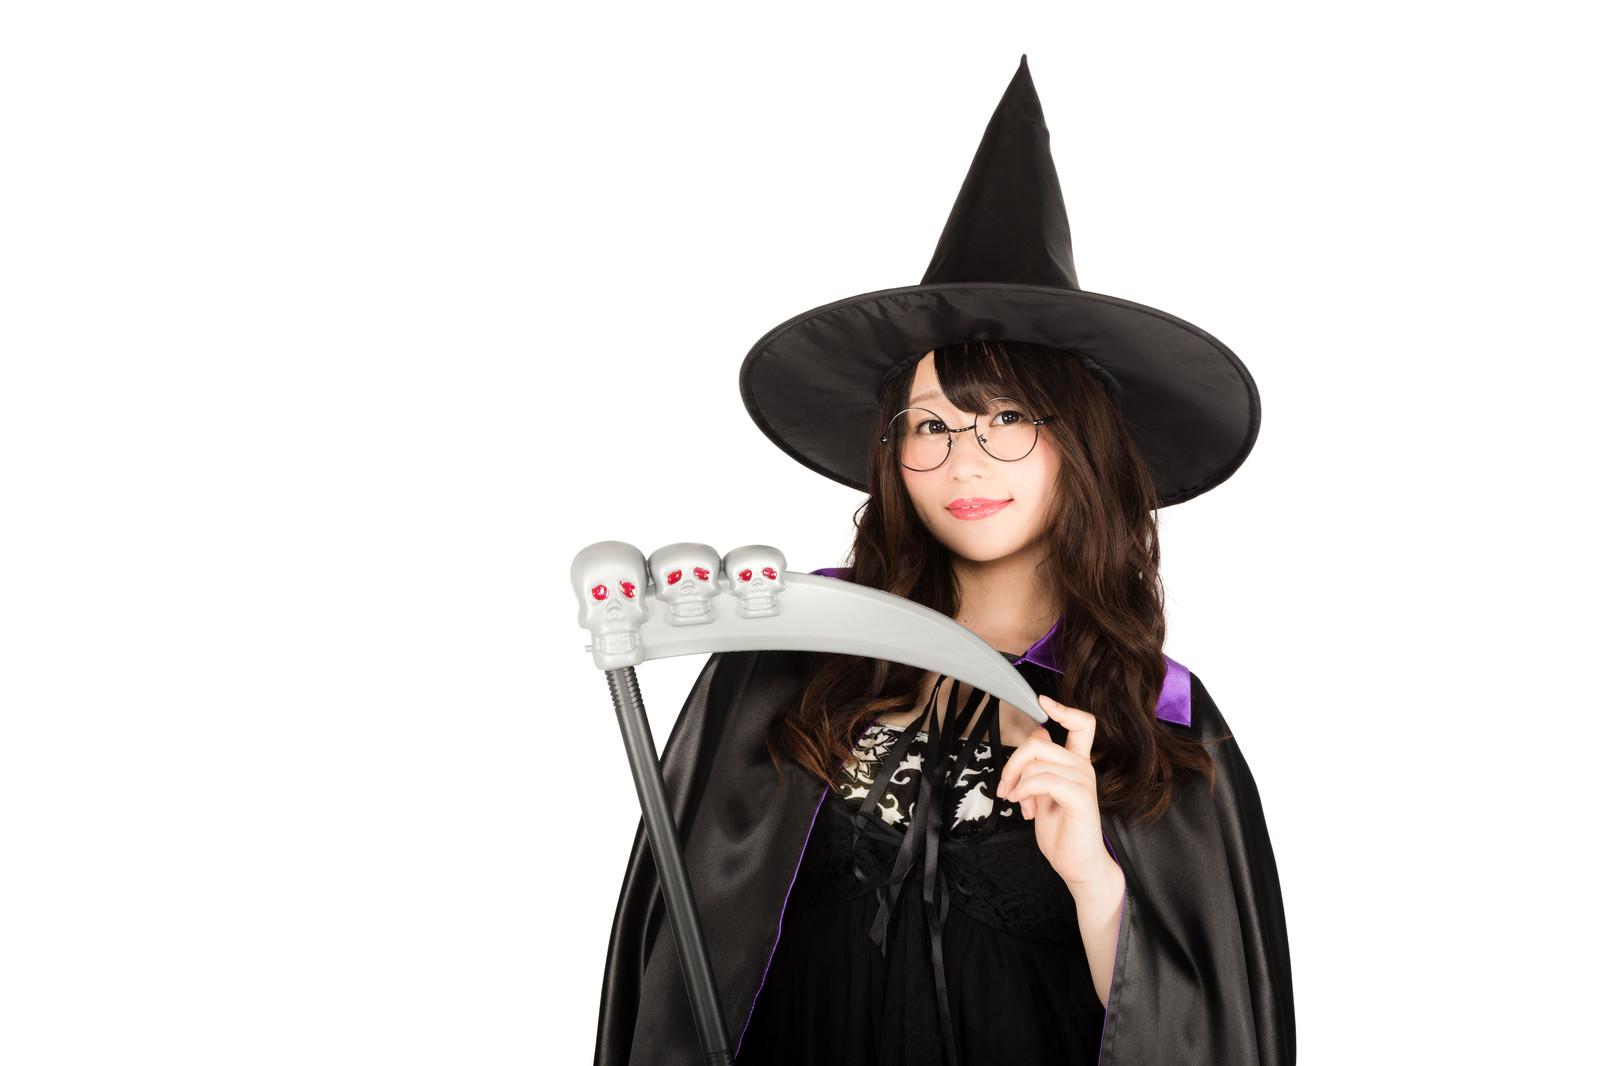 魔女の切り絵の作り方 簡単な型紙の選び方や切り方のコツなどを紹介